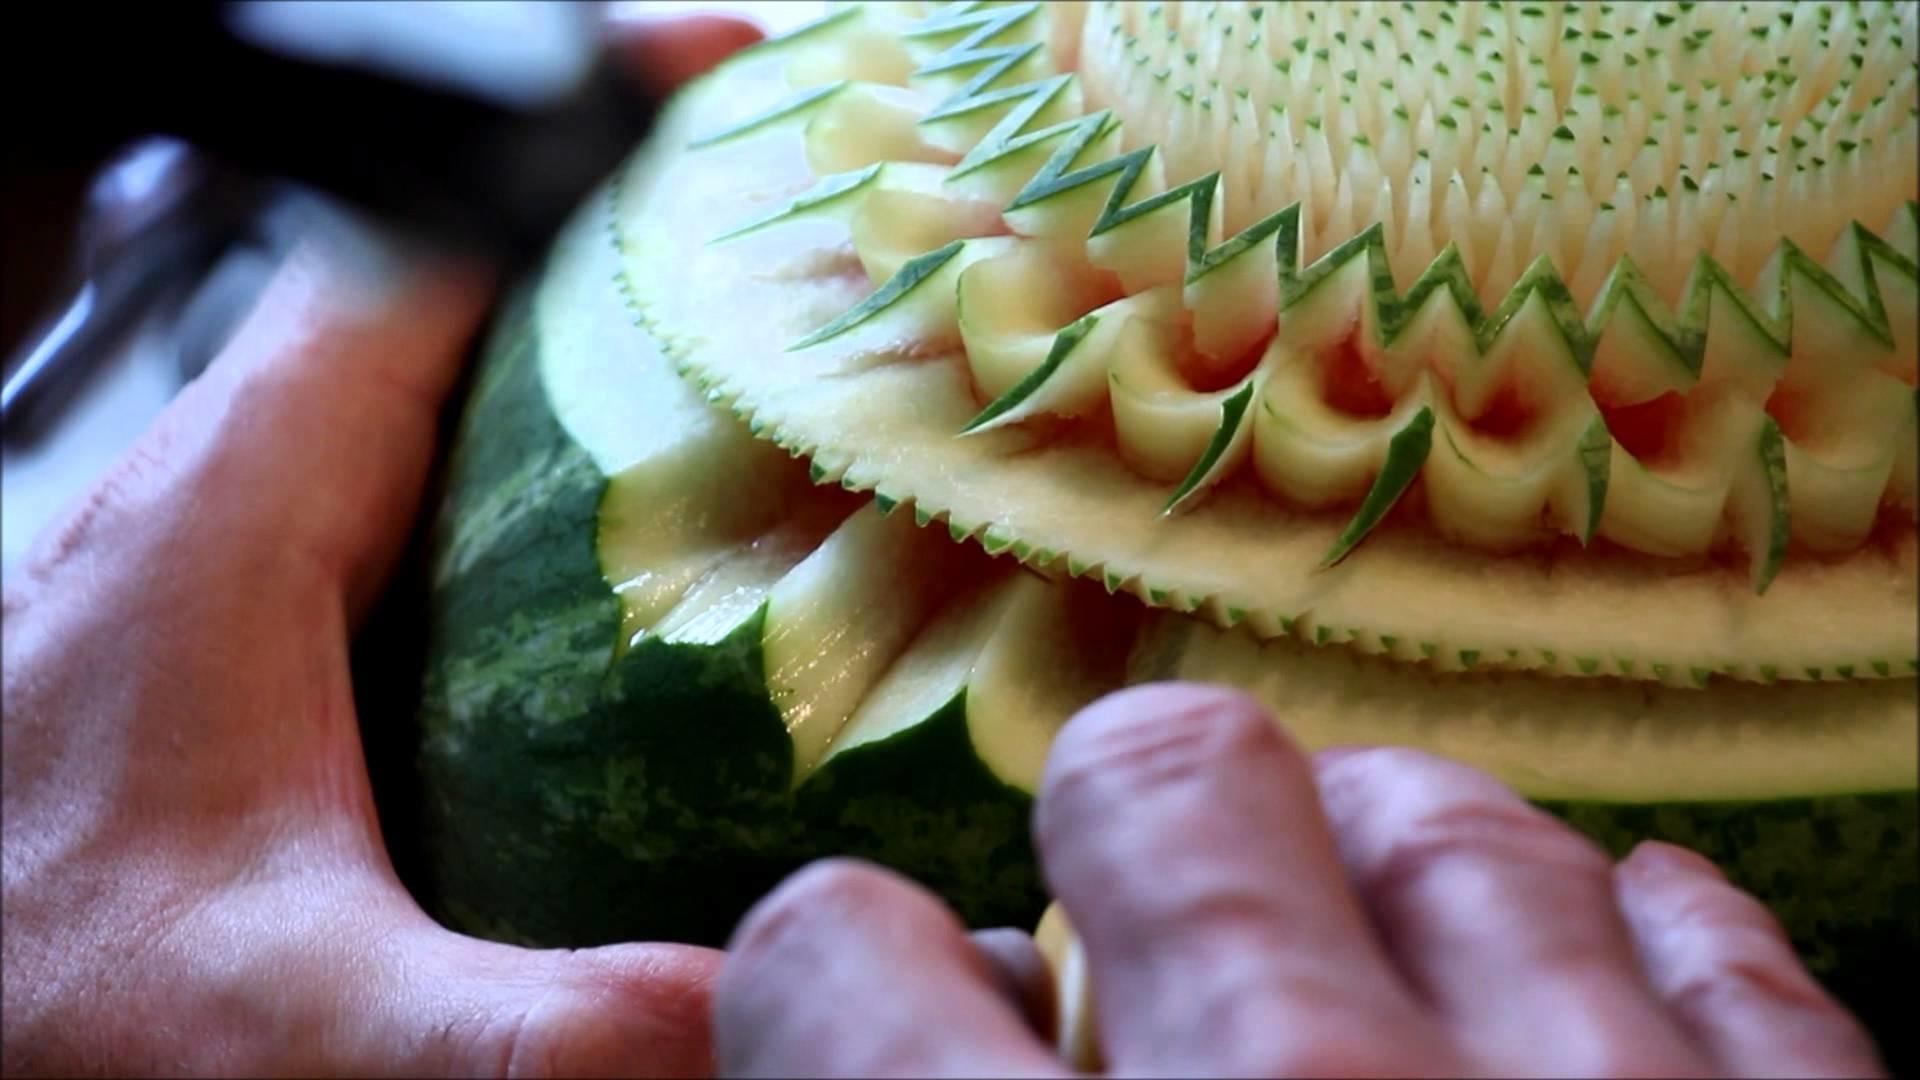 A la rencontre de.  Frédéric Jaunault, designer sculpteur sur fruits et légumes MOF